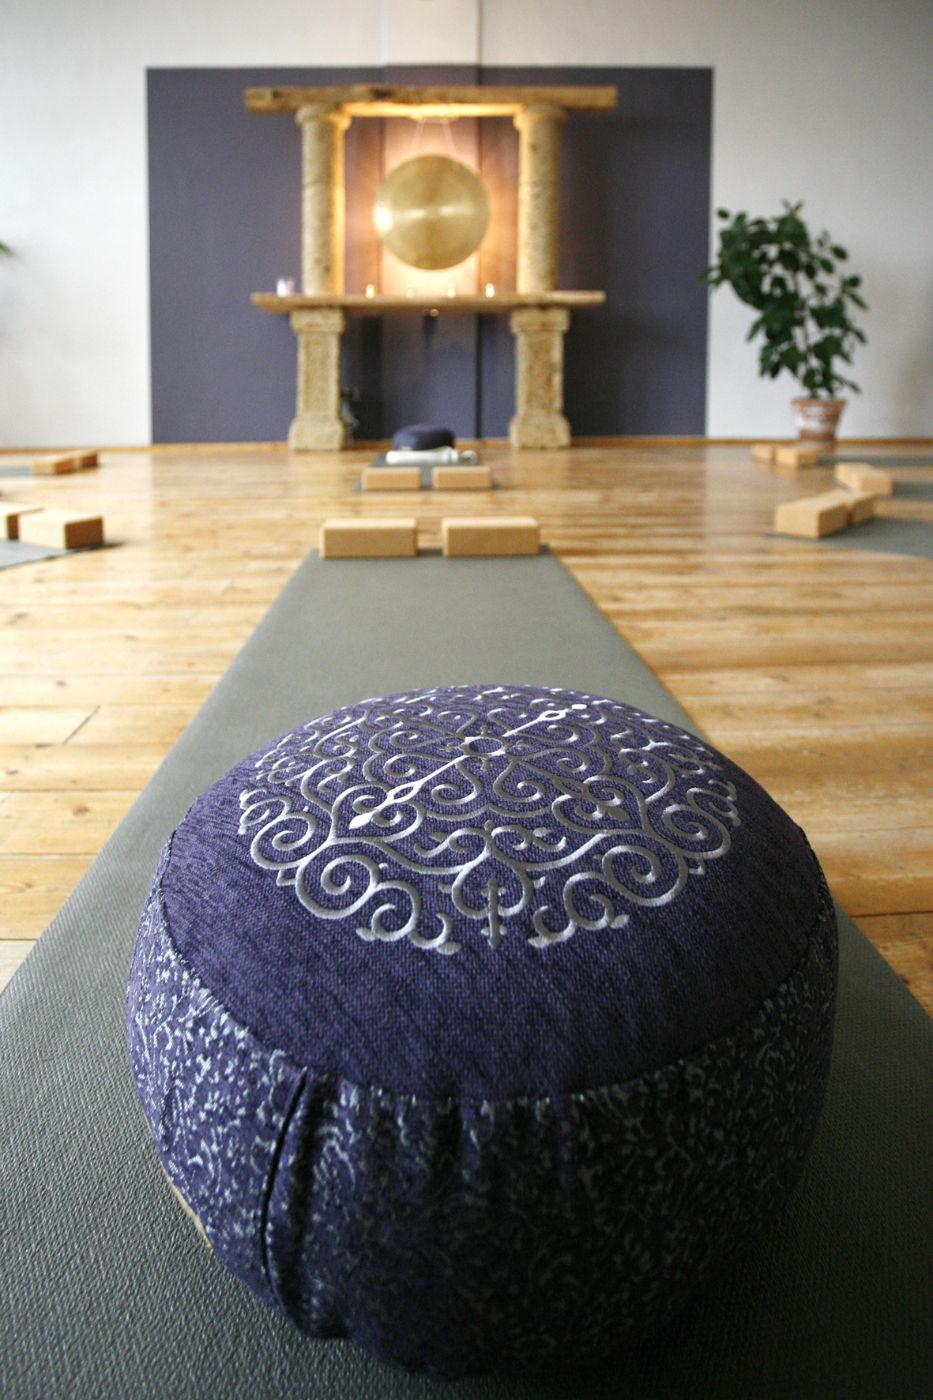 Studio-Yogameer-2018-01-003